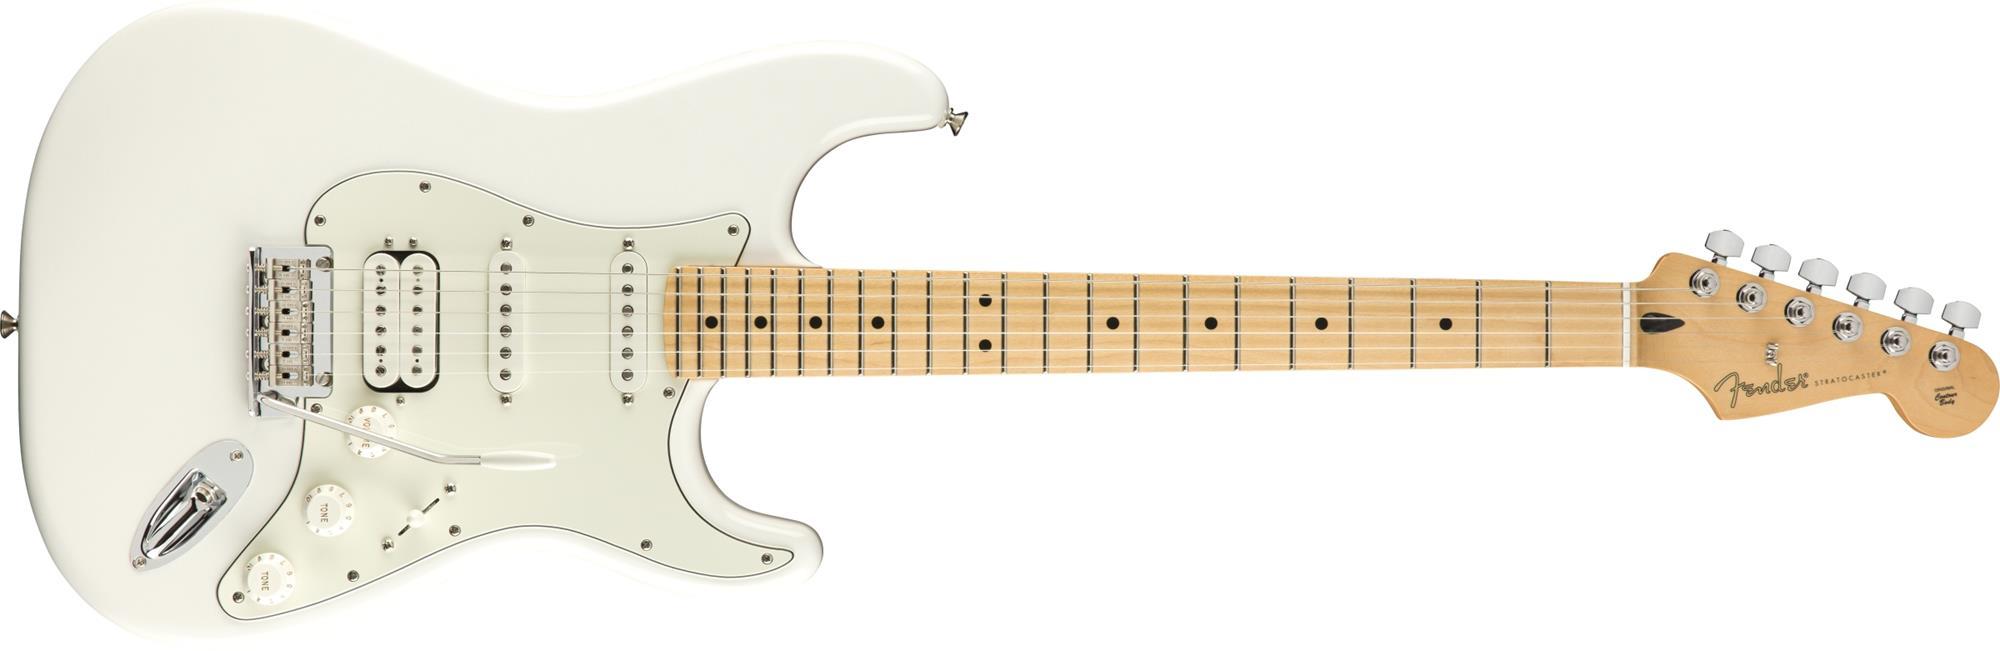 FENDER-Player-Stratocaster-HSS-MN-Polar-White-0144522515-sku-24480